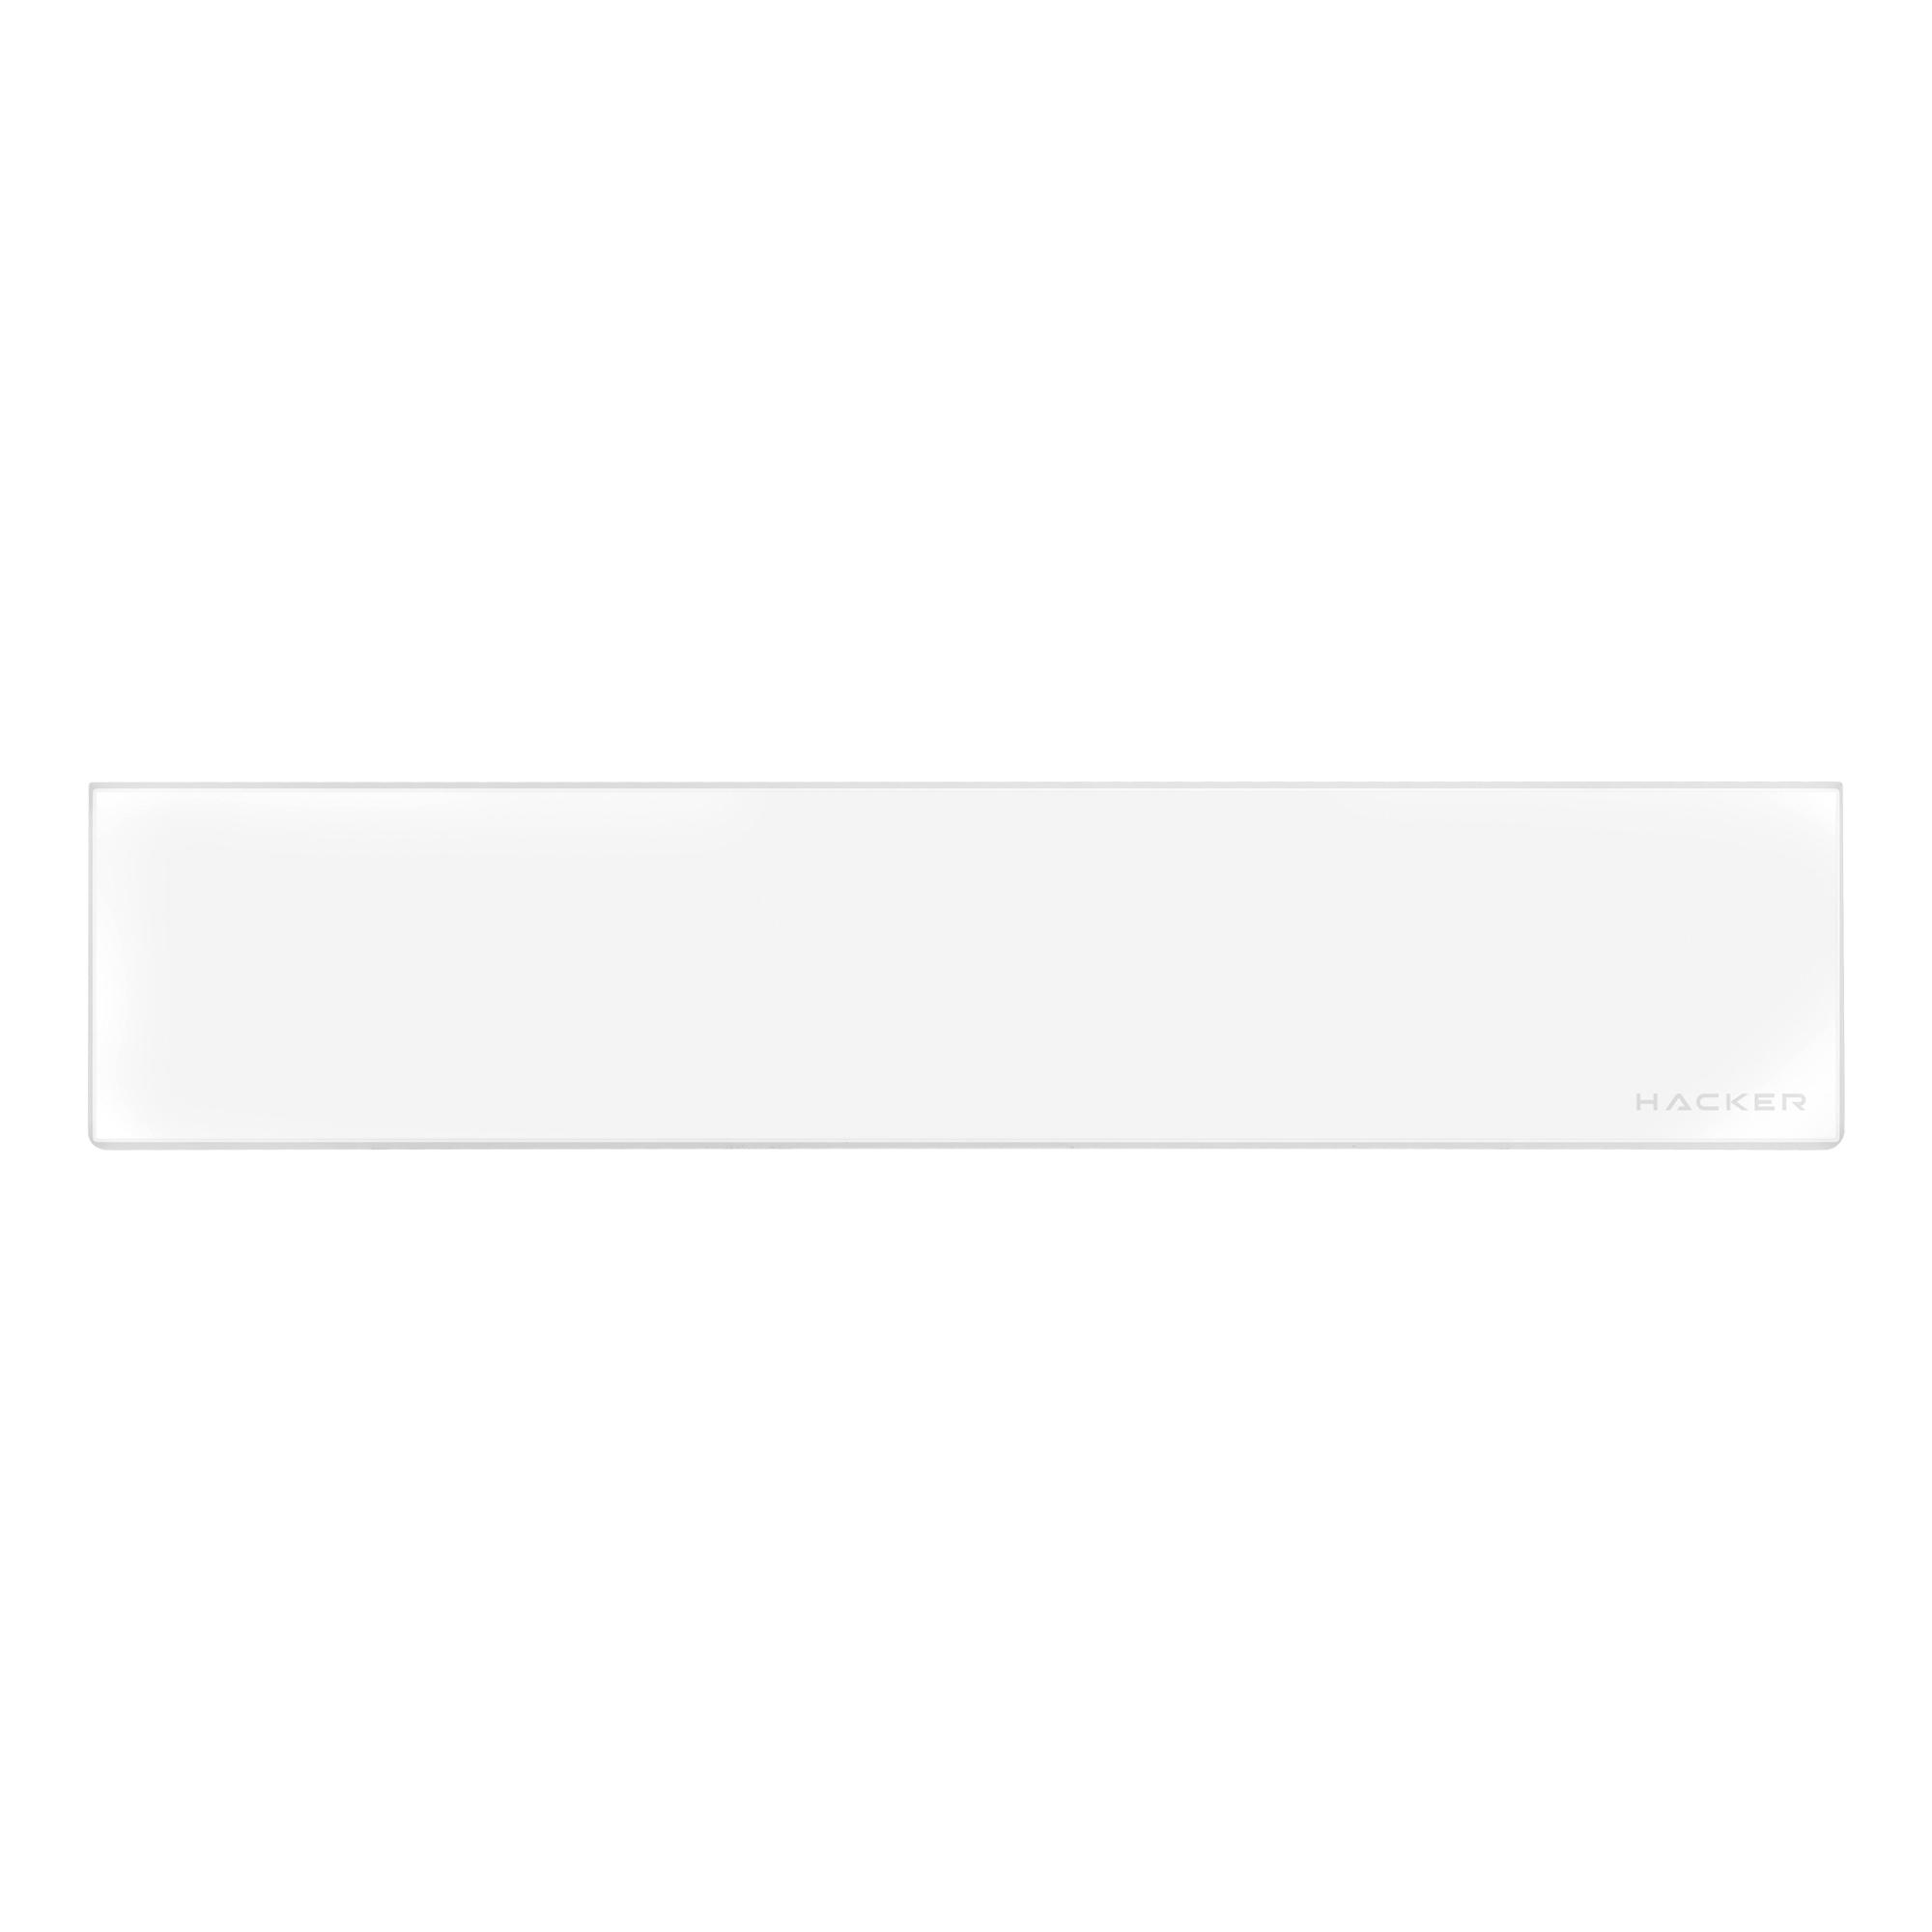 앱코ARC1 아크릴 팜레스트 손목 받침대 아이스 아크릴, 단품